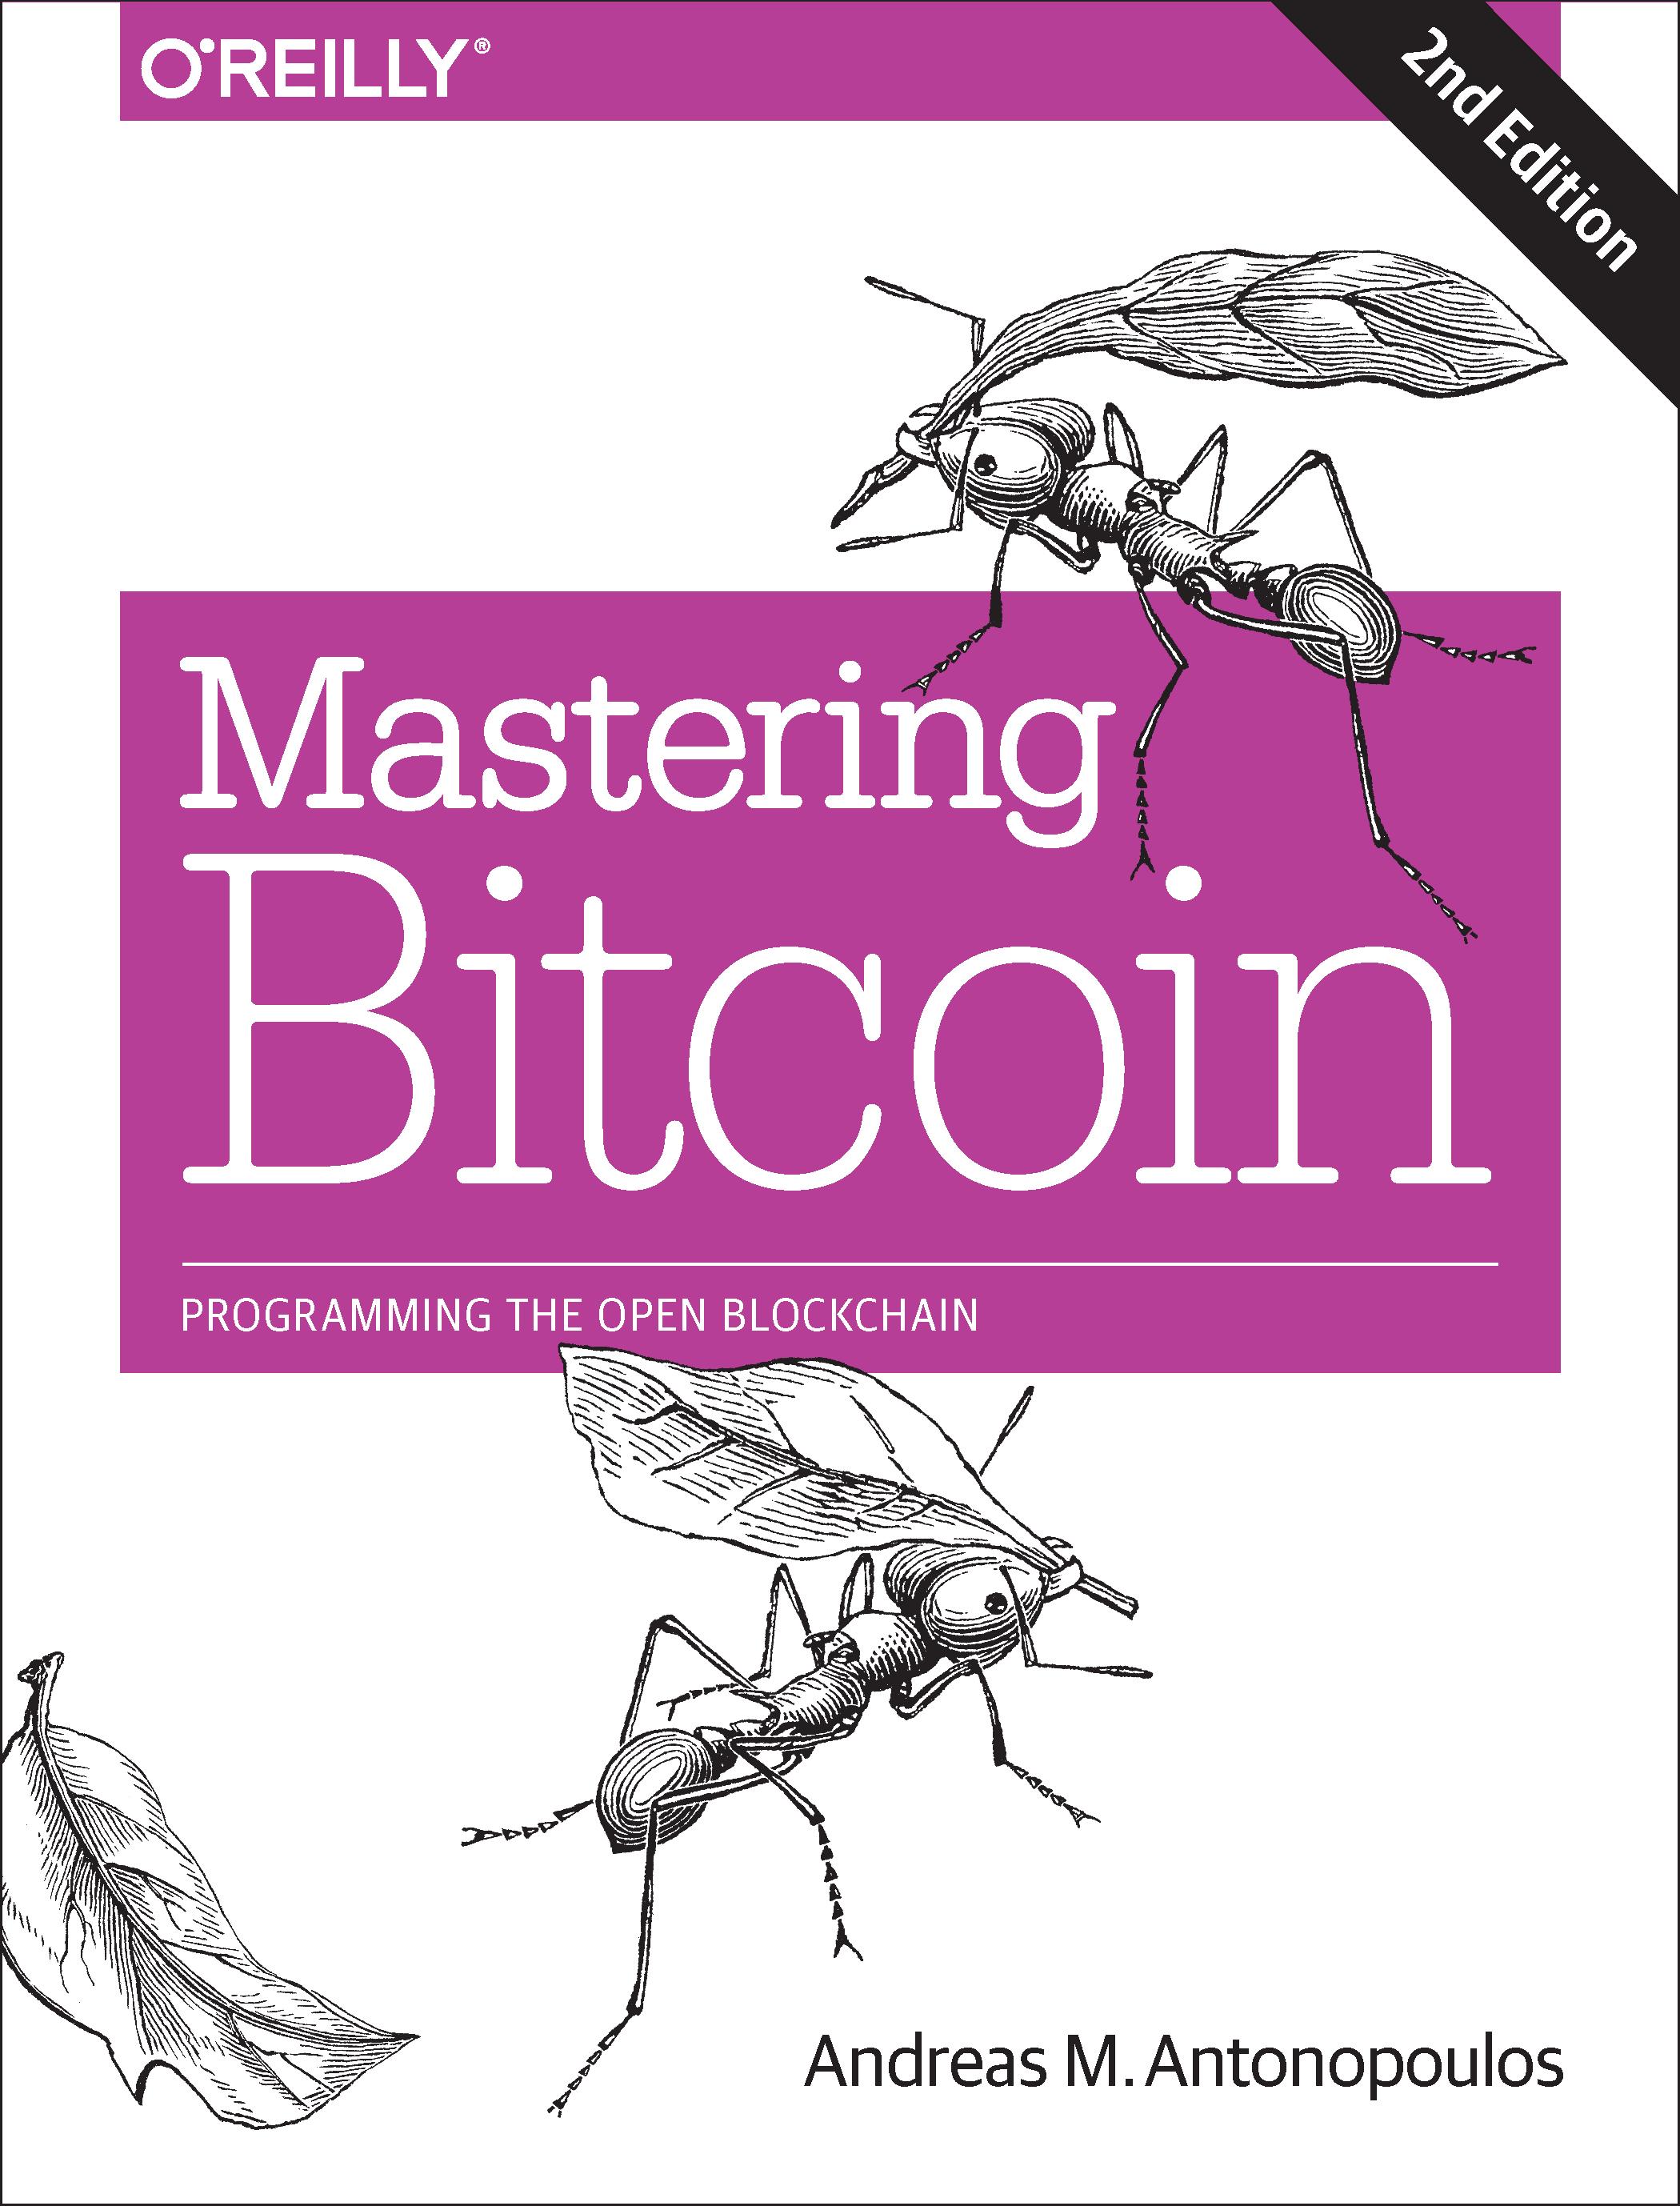 [ebook|pdf] Mastering Bitcoin - O'Reilly